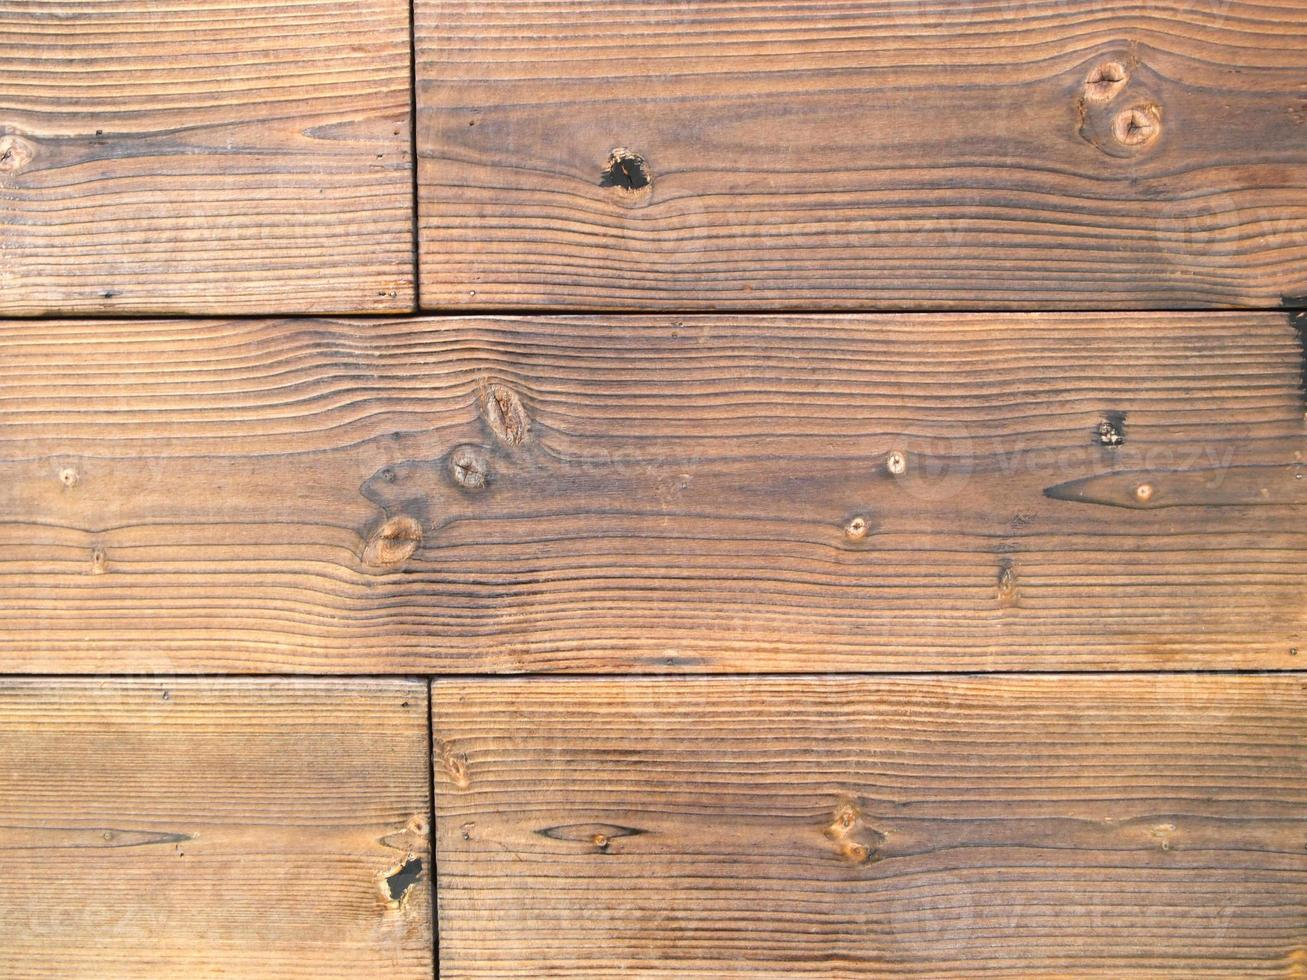 pannelli di legno usati come sfondo foto